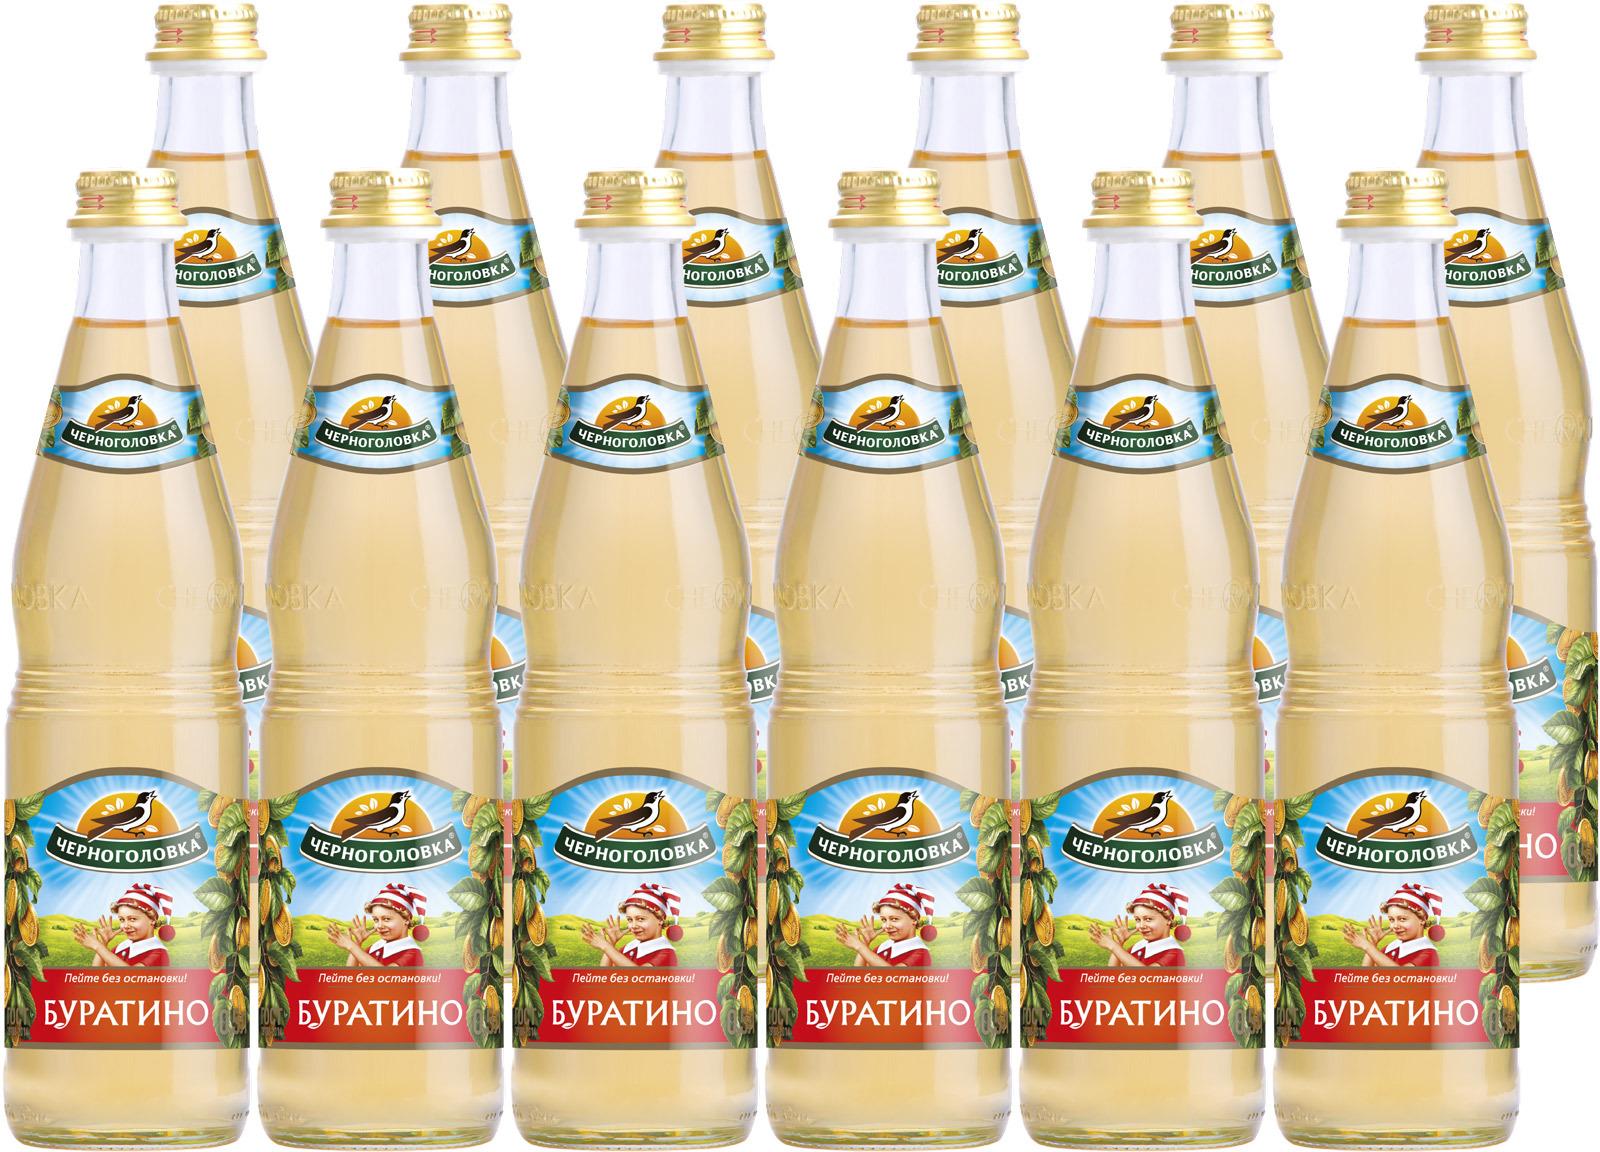 """Лимонад Напитки из Черноголовки """"Буратино"""", 12 шт по 330 мл"""